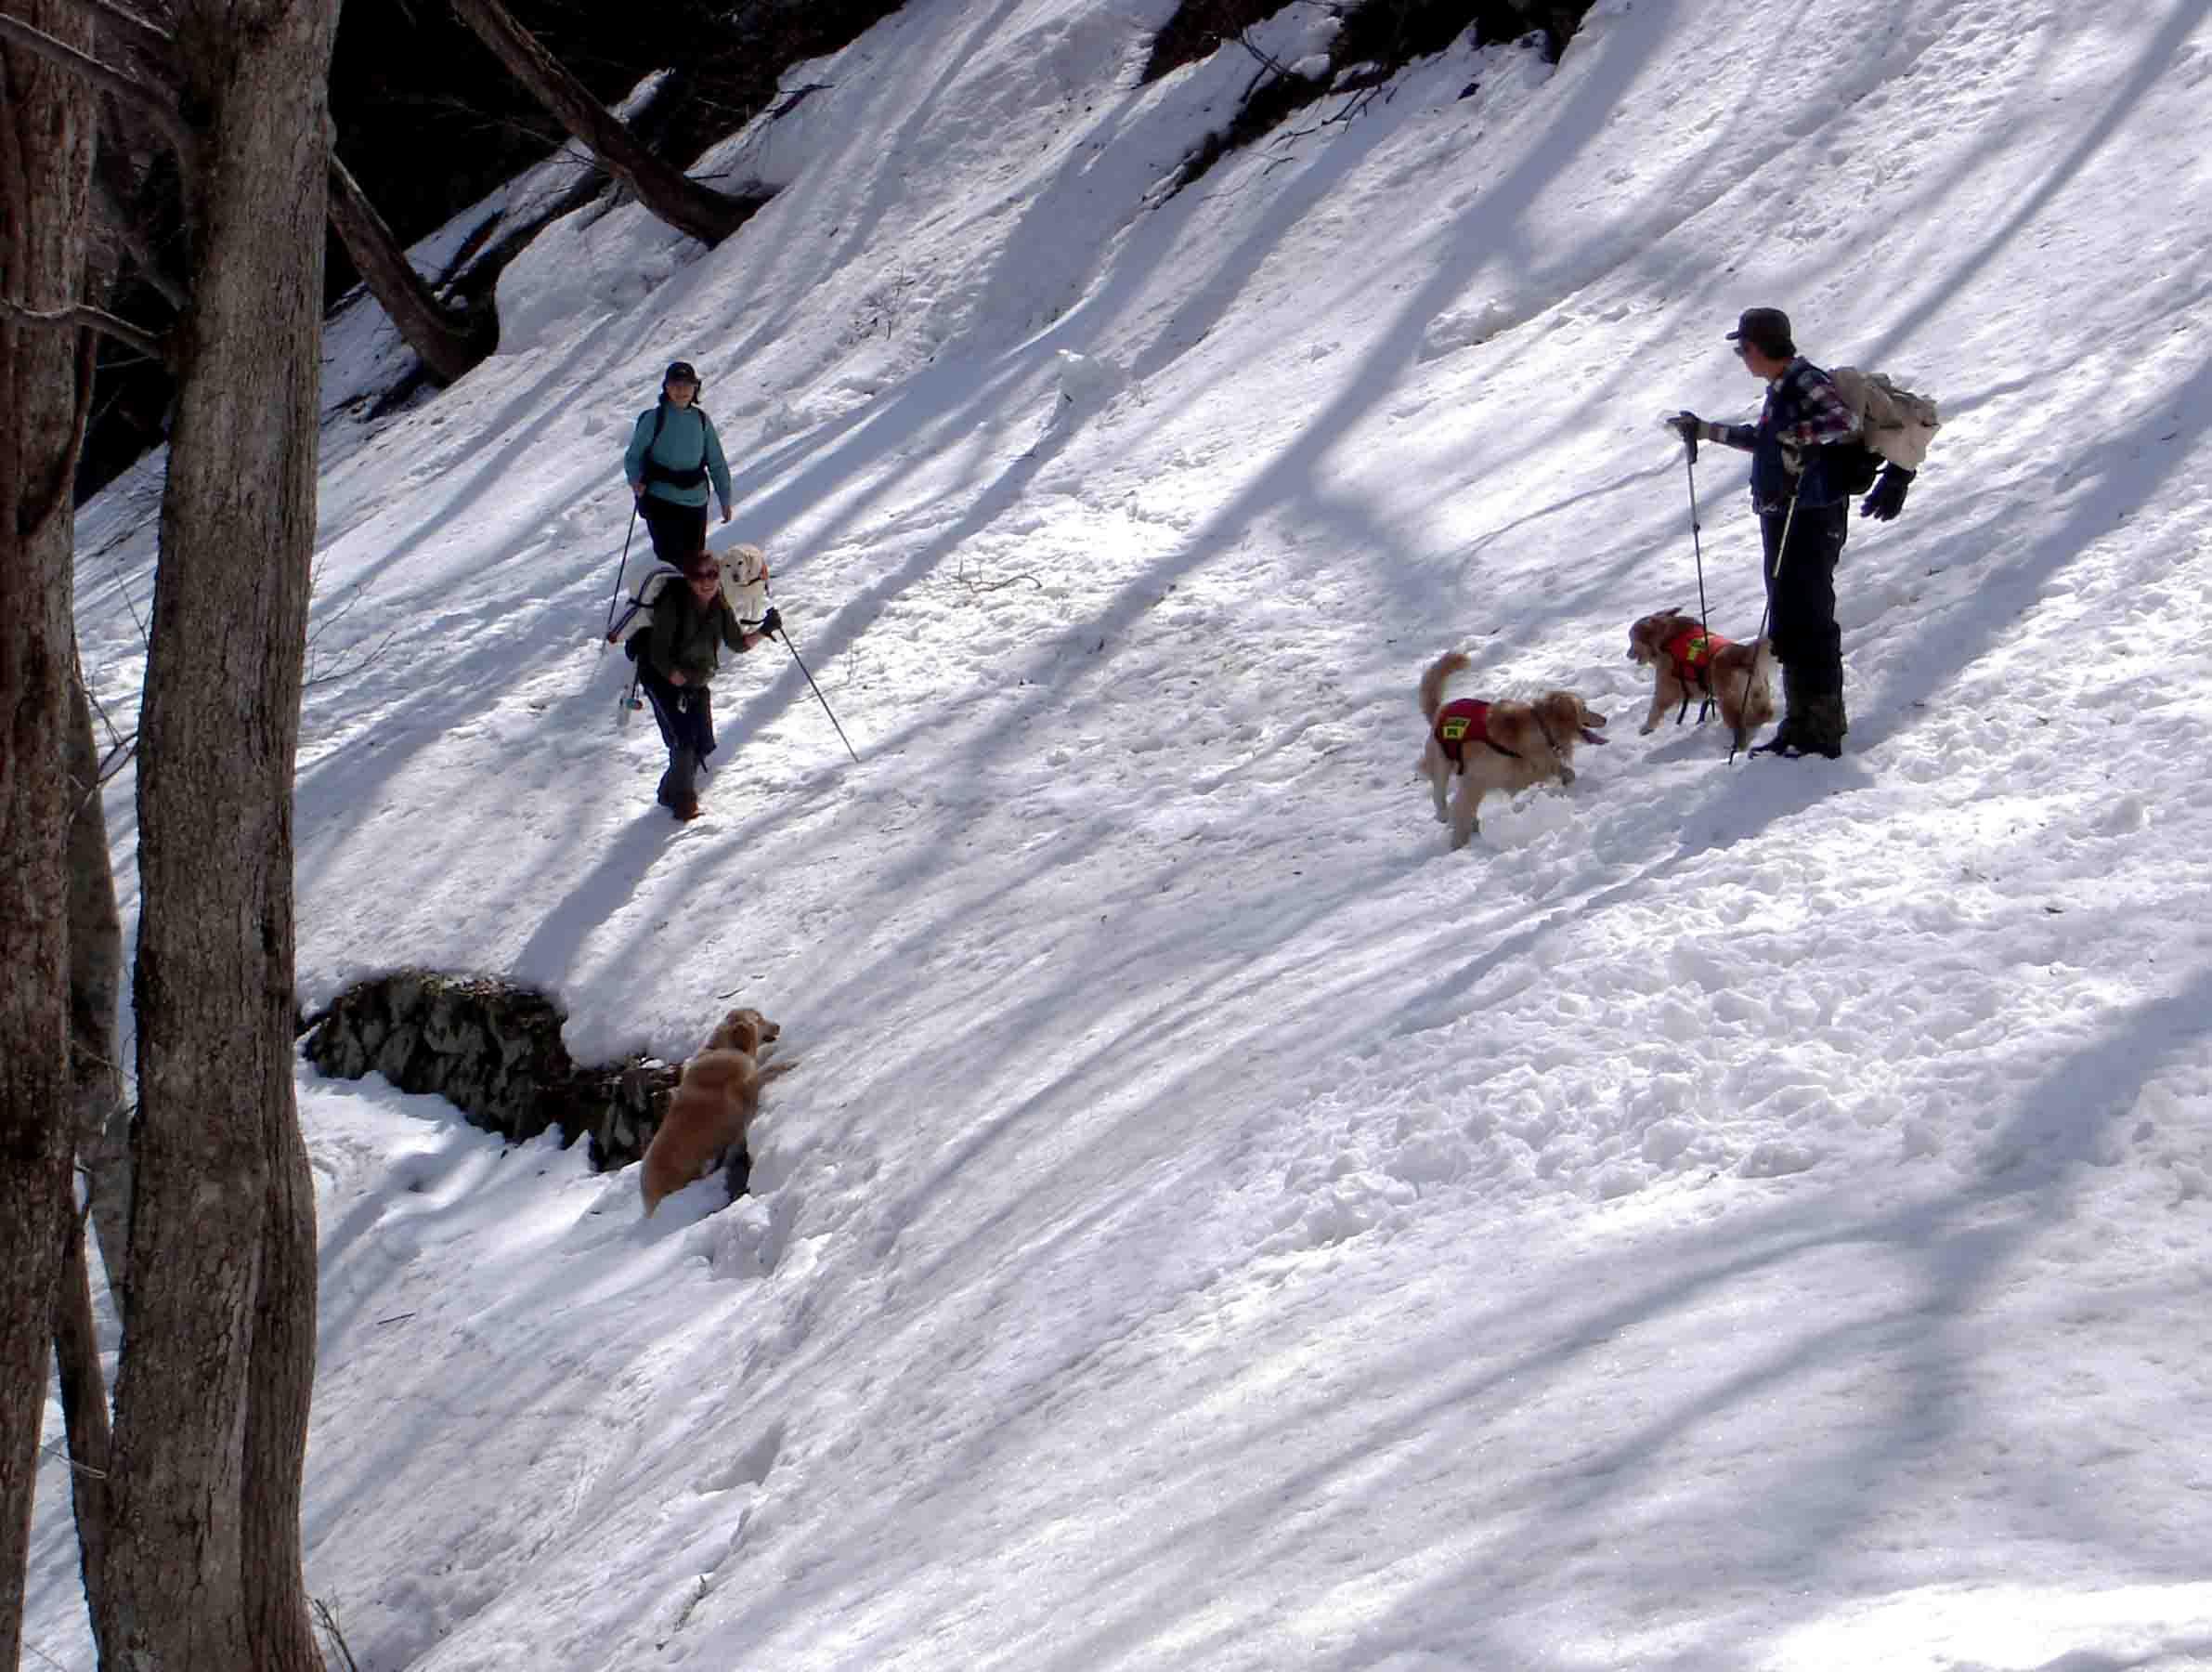 雪中訓練(7) マチガ沢への道